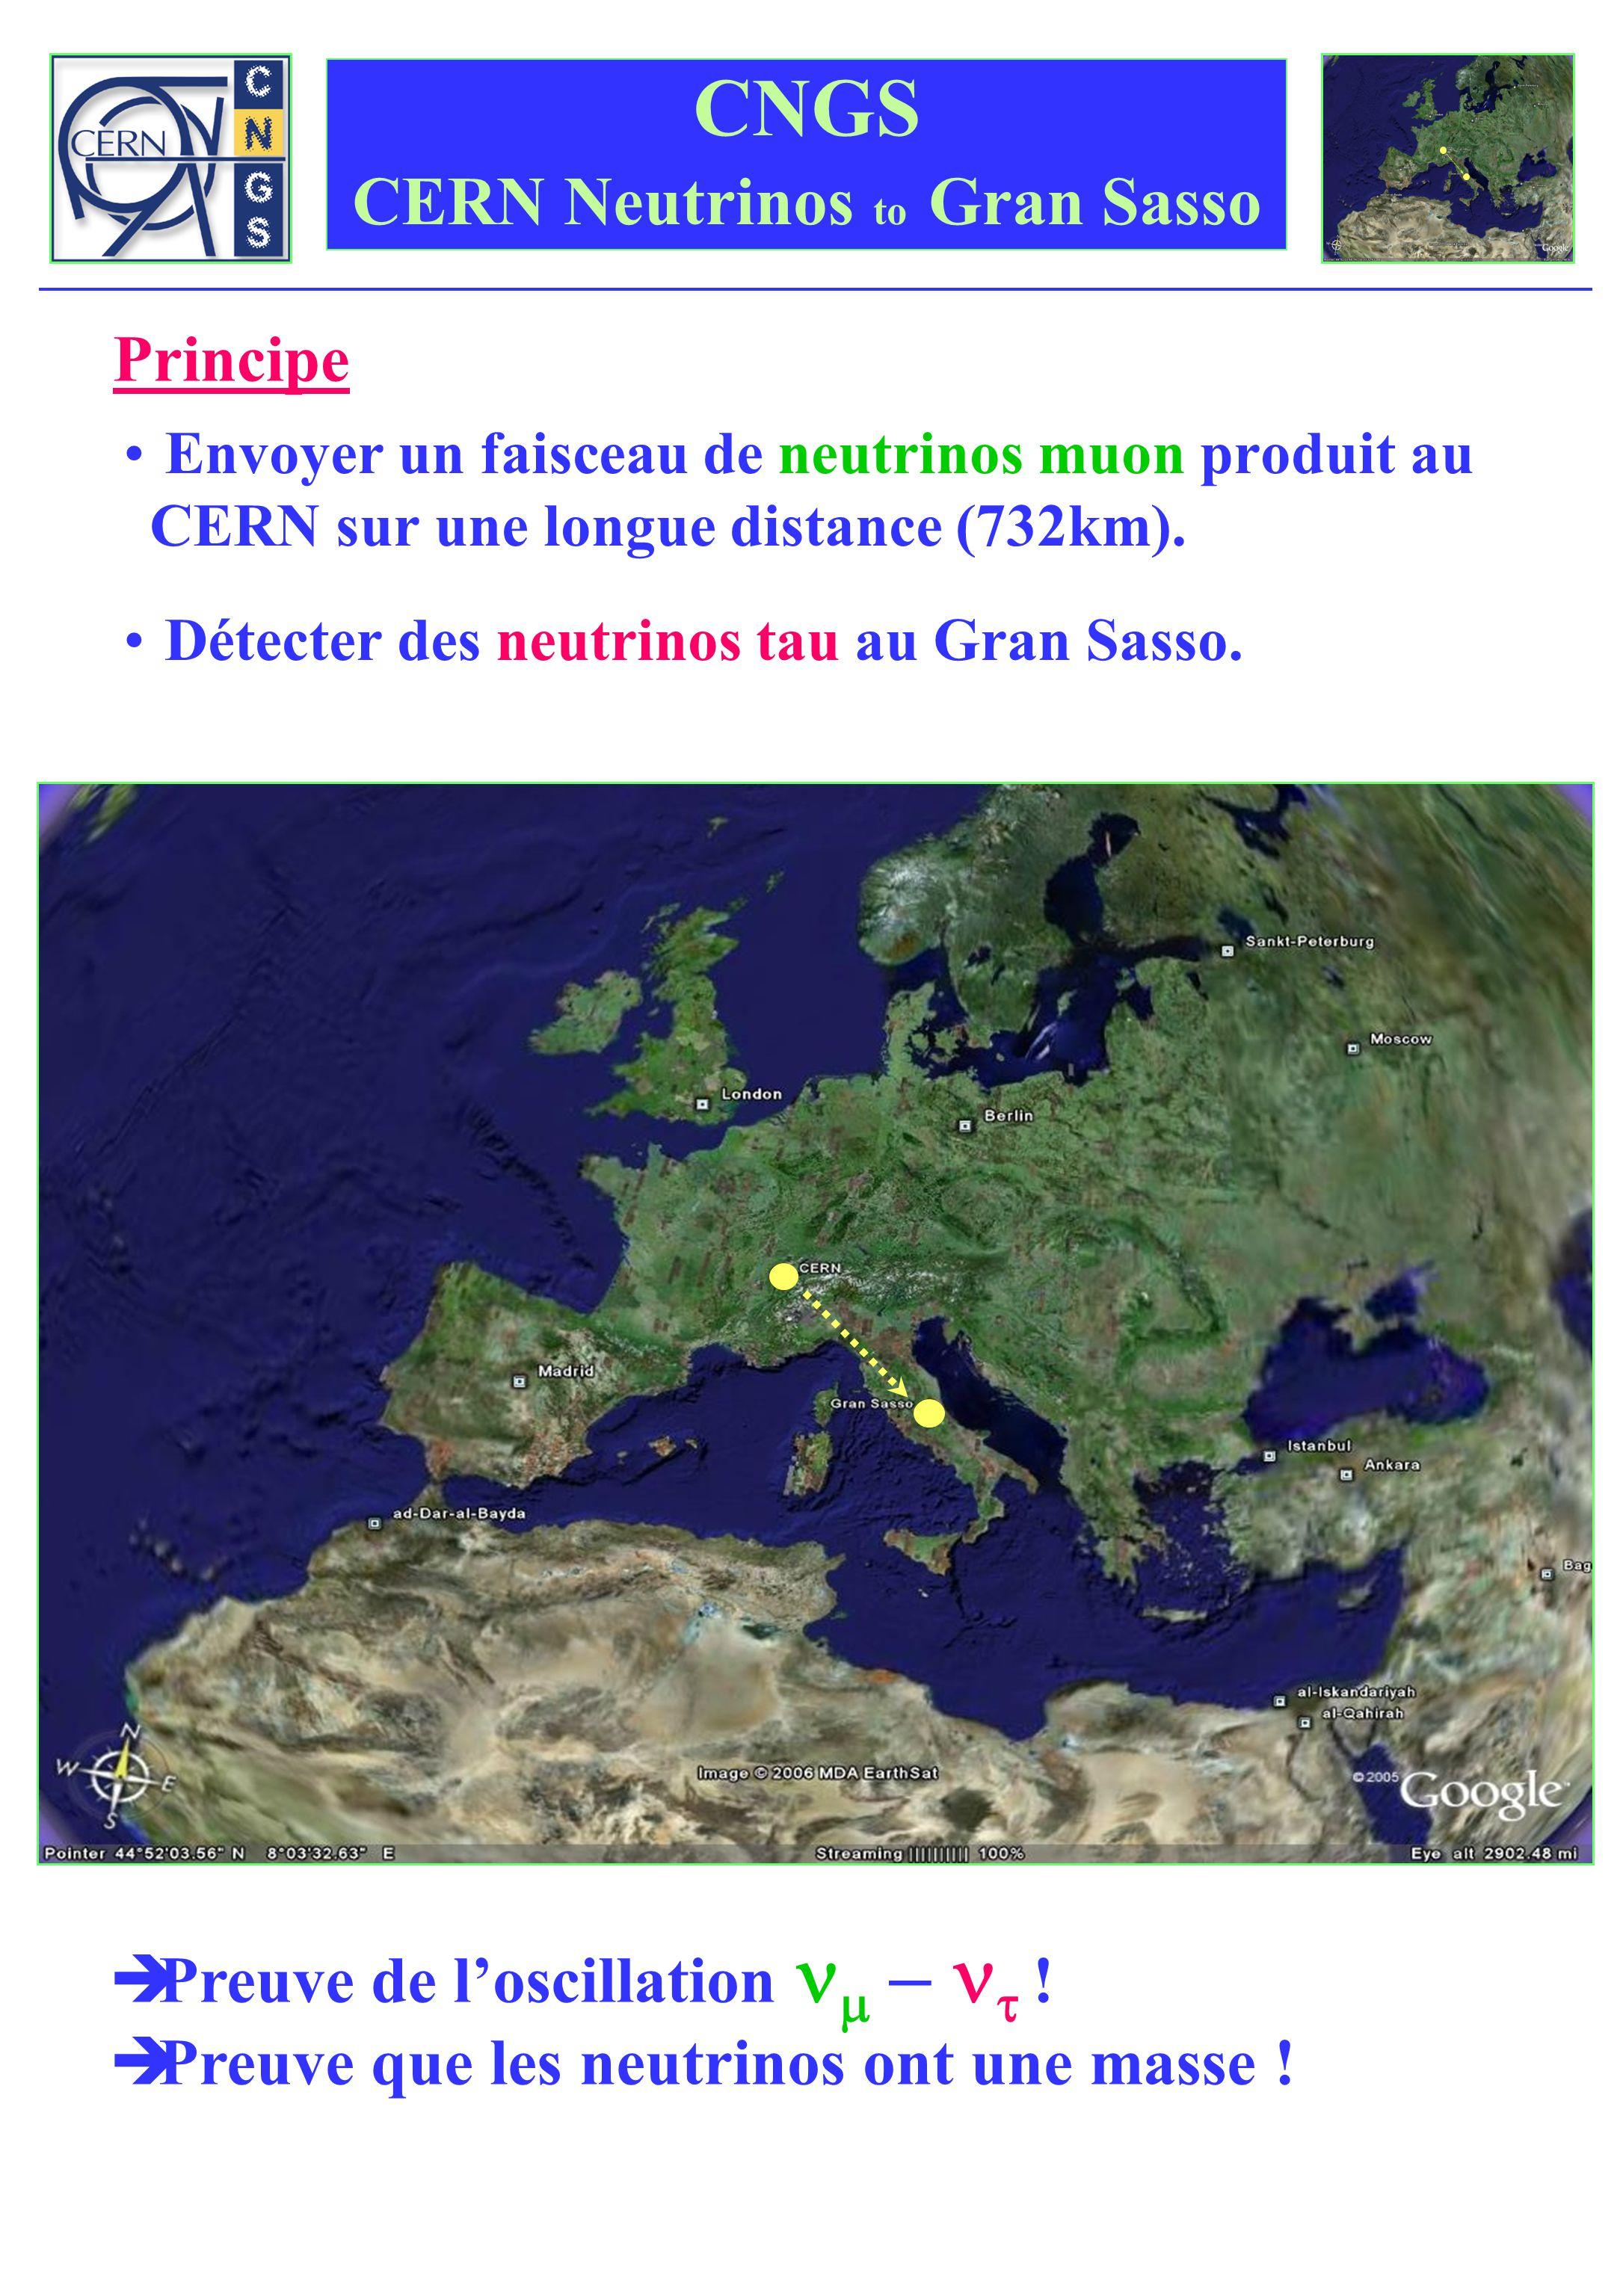 CNGS CERN Neutrinos to Gran Sasso Envoyer un faisceau de neutrinos muon produit au CERN sur une longue distance (732km). Détecter des neutrinos tau au